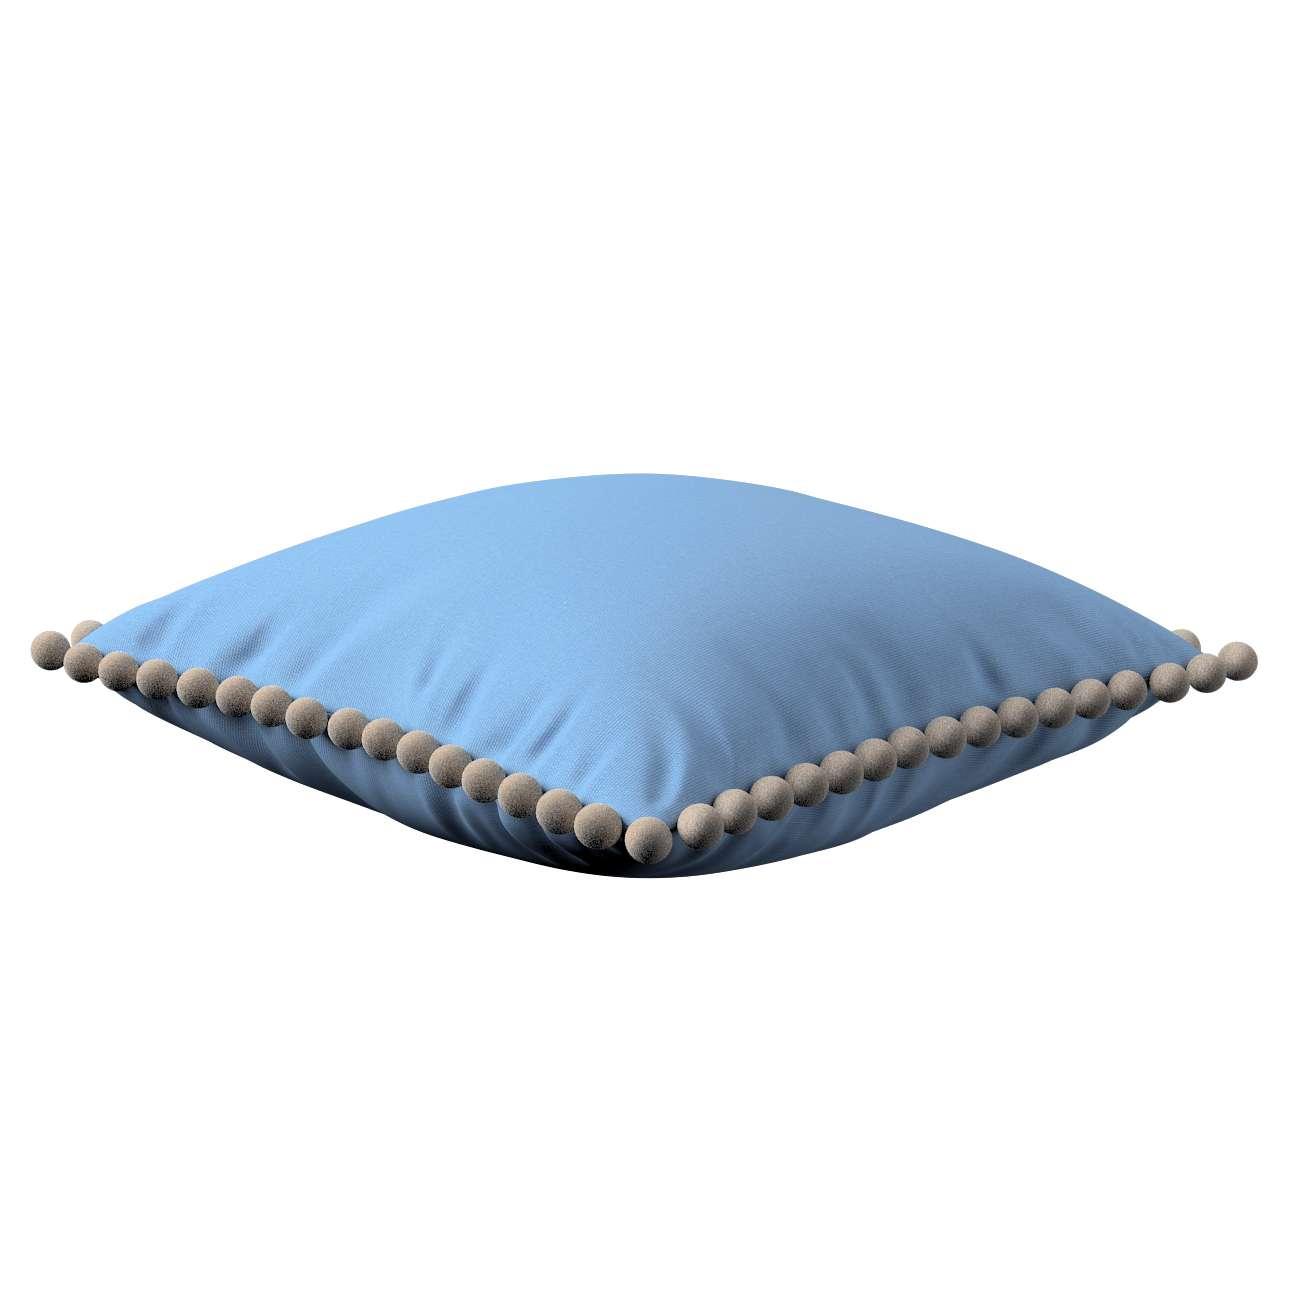 Wera dekoratyvinės pagalvėlės užvalkalas su žaismingais kraštais 45 x 45 cm kolekcijoje Loneta , audinys: 133-21